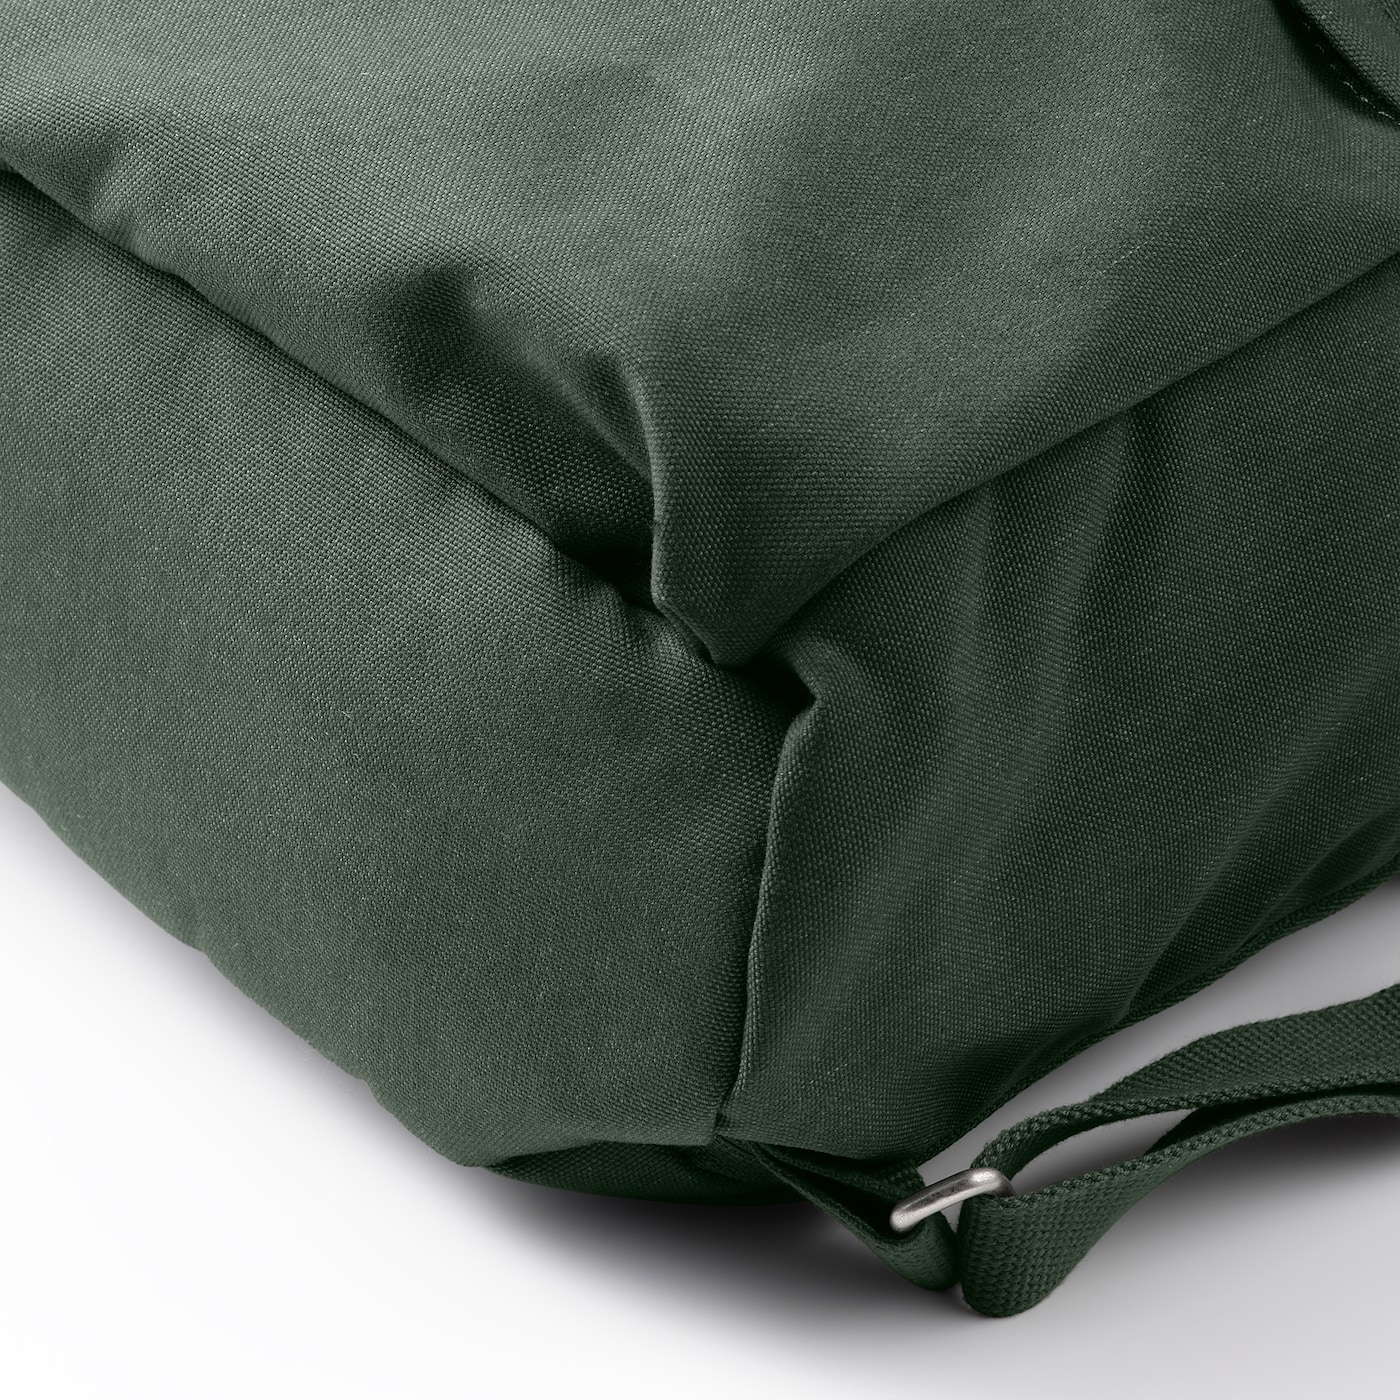 DRÖMSÄCK Rucksack, olivgrün/schwarz, 21 l